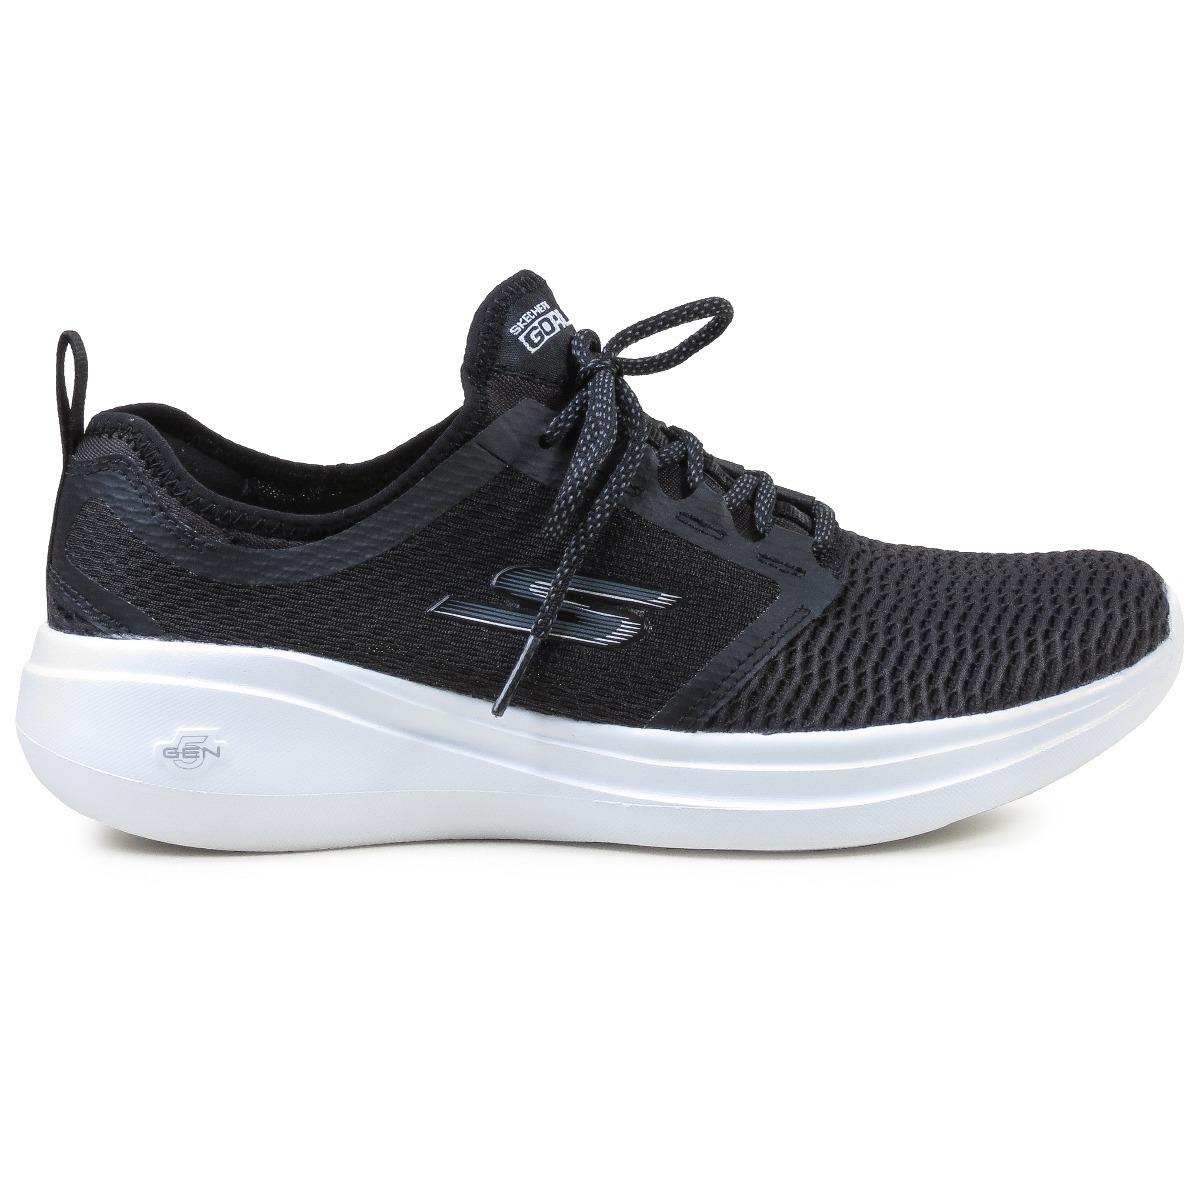 Zapatillas Skechers Go Run Fast Mujer Running Importadas